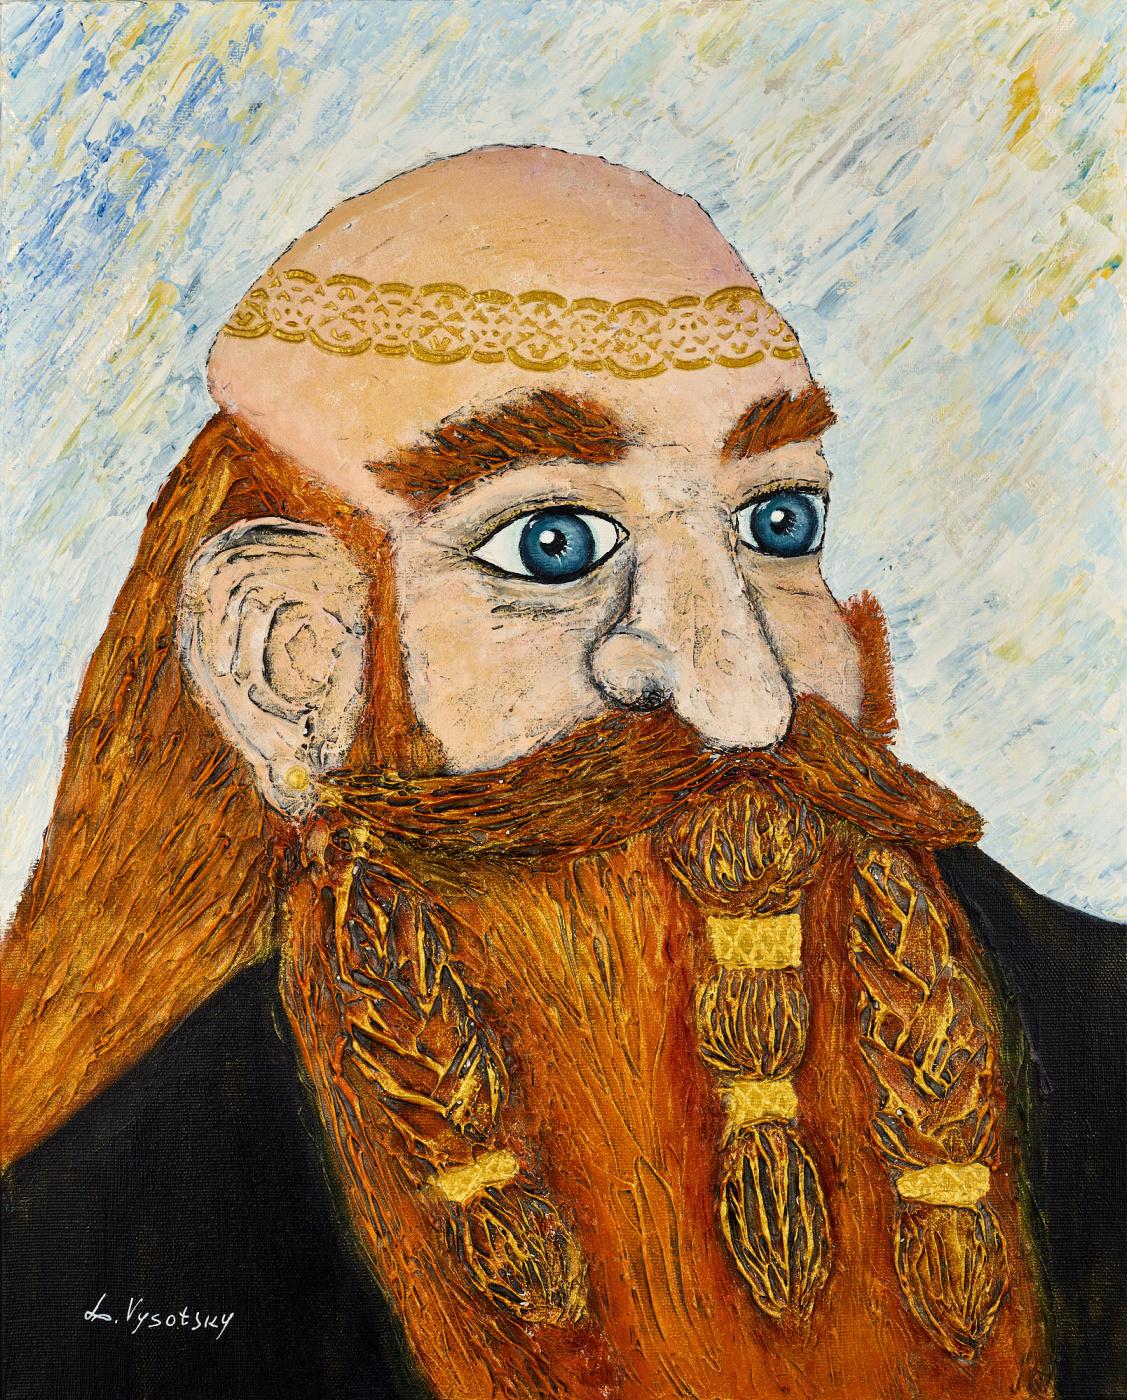 Leda Vysotsky. Dwarf